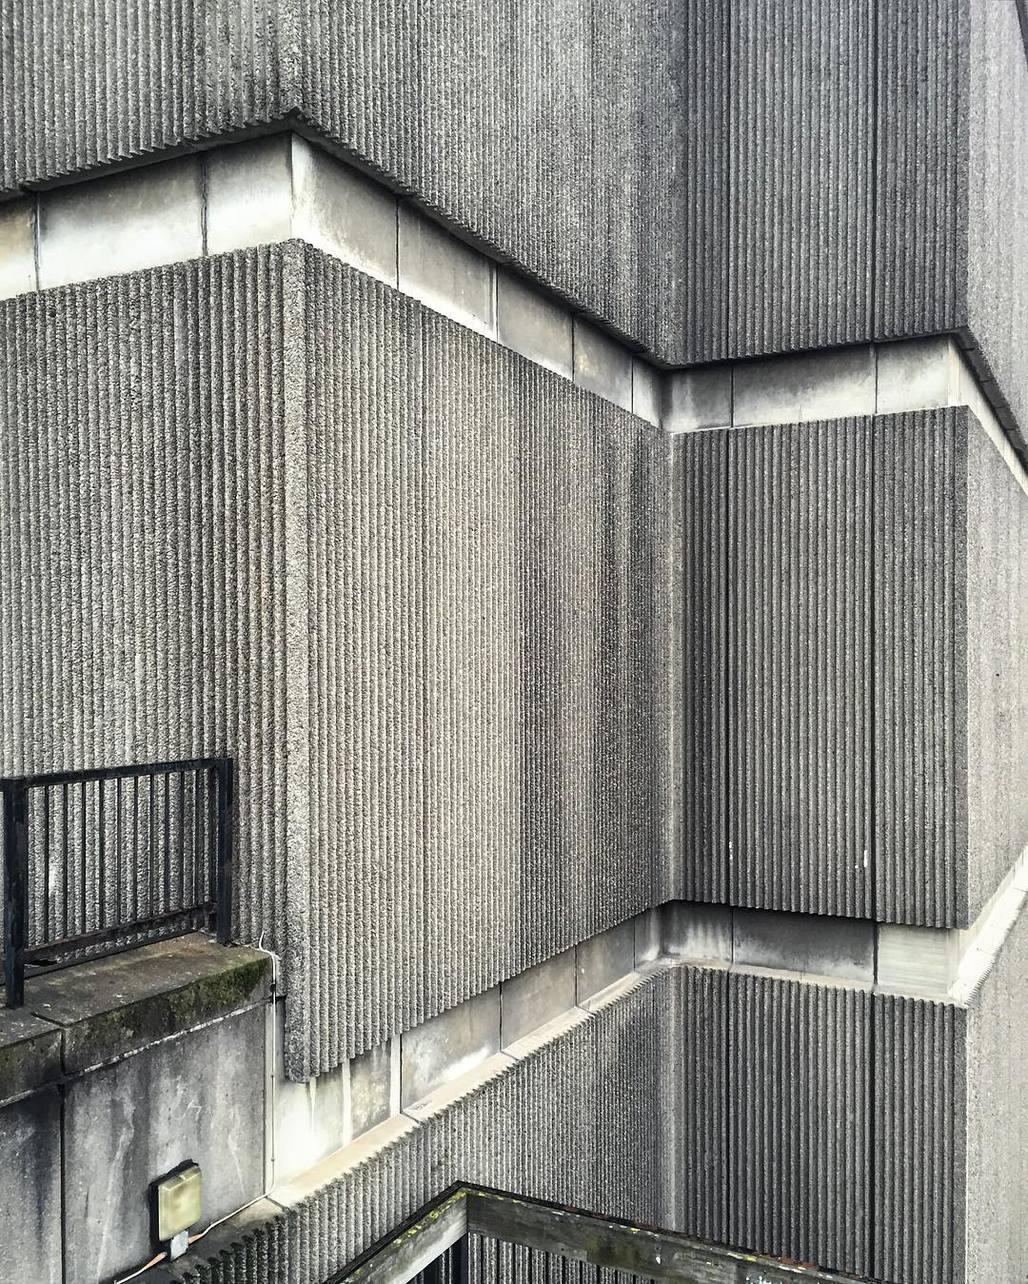 Béton brut at St. James Centre in Edinburgh. Image via @hckbln on Instagram.